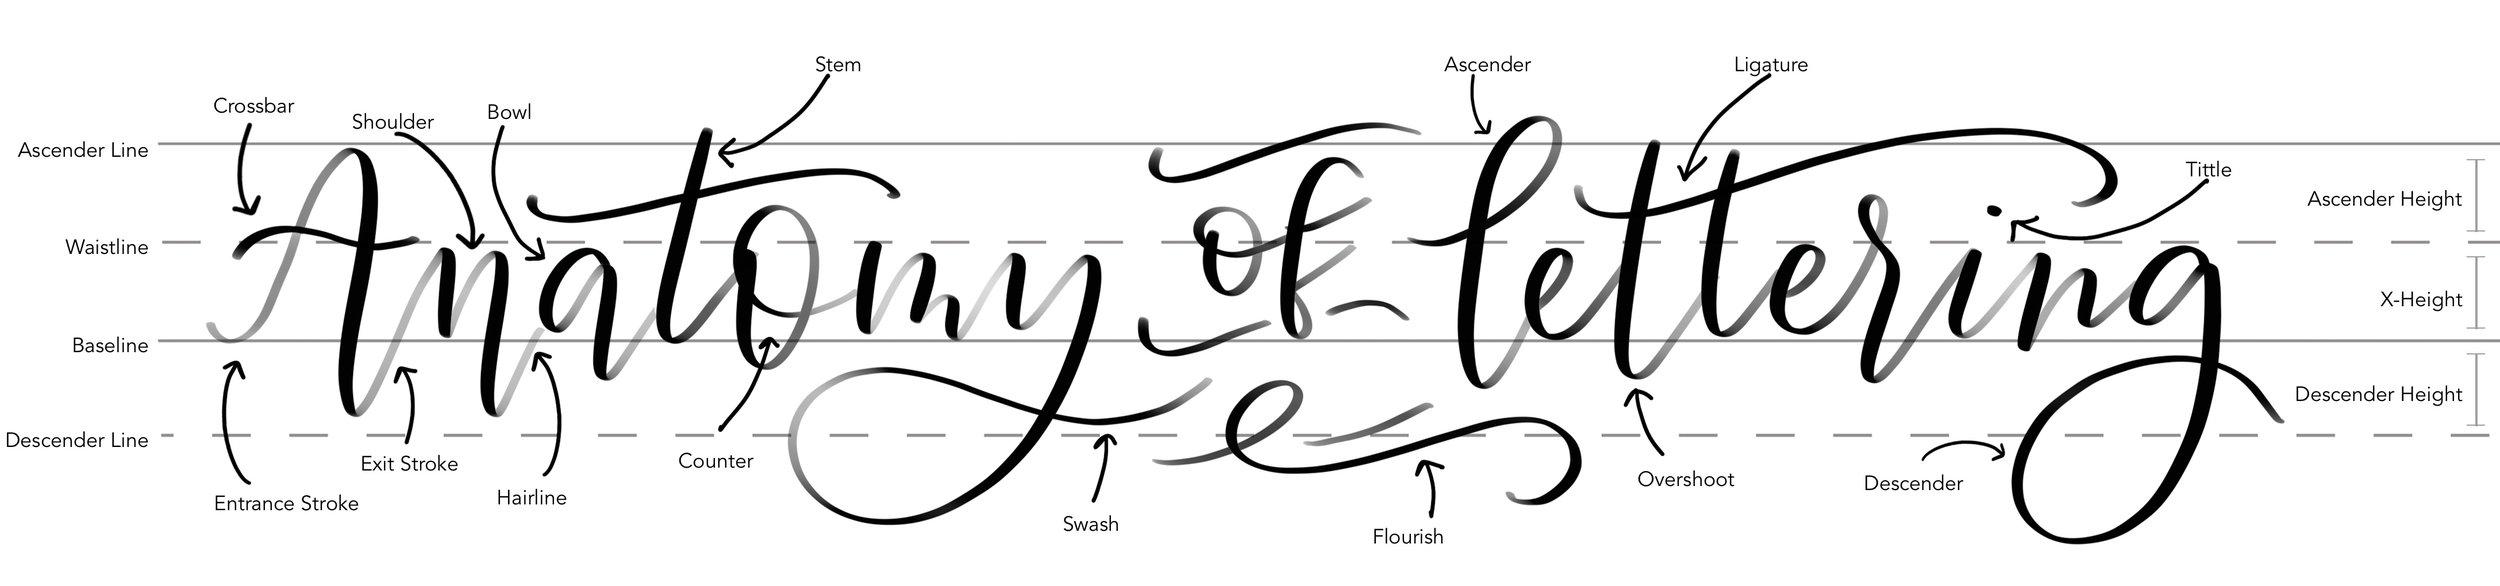 anatomy_of_lettering.jpg